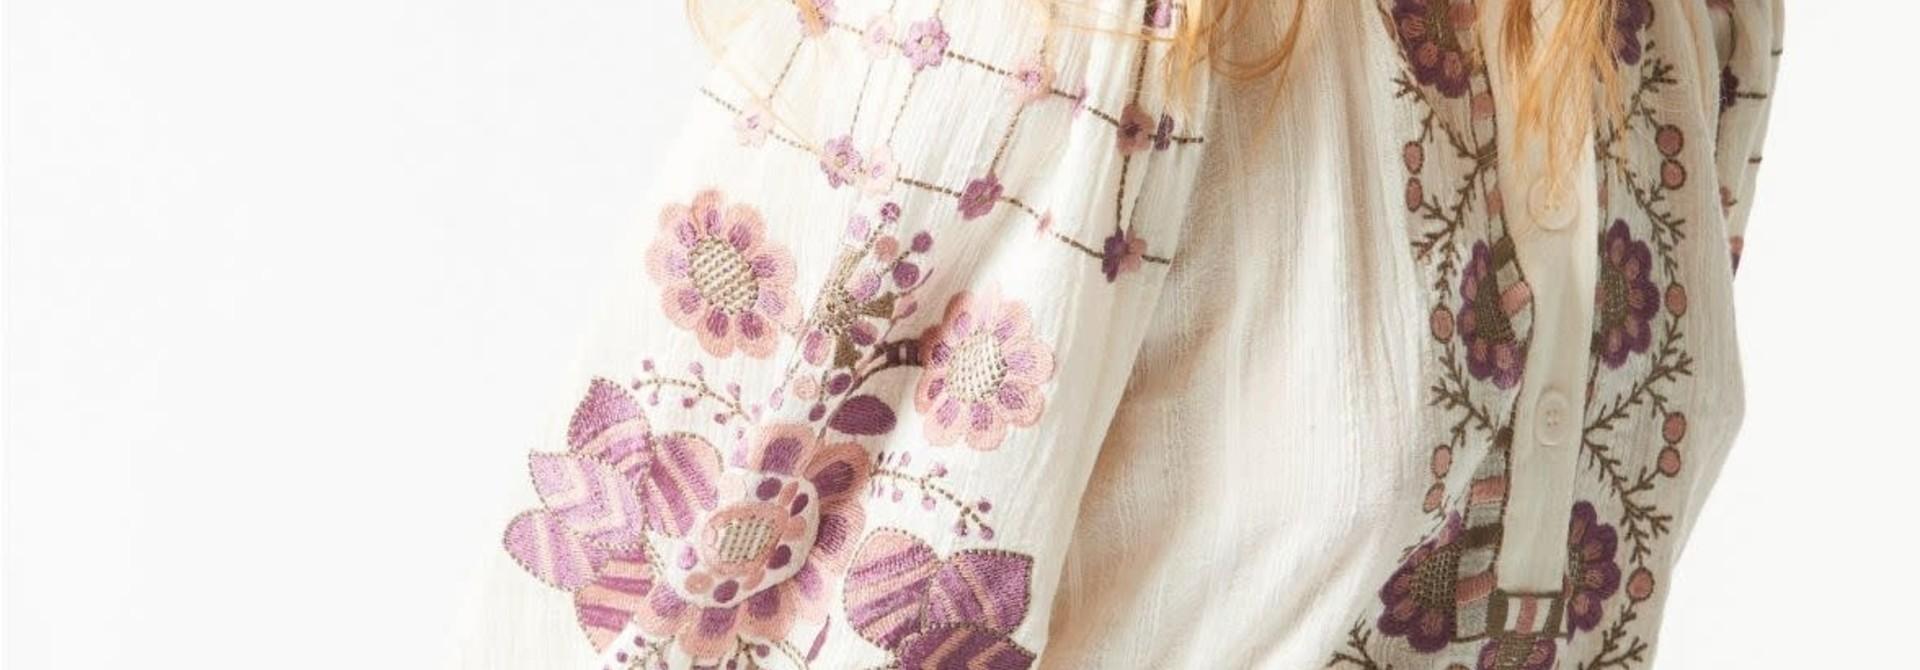 cami blouse cream